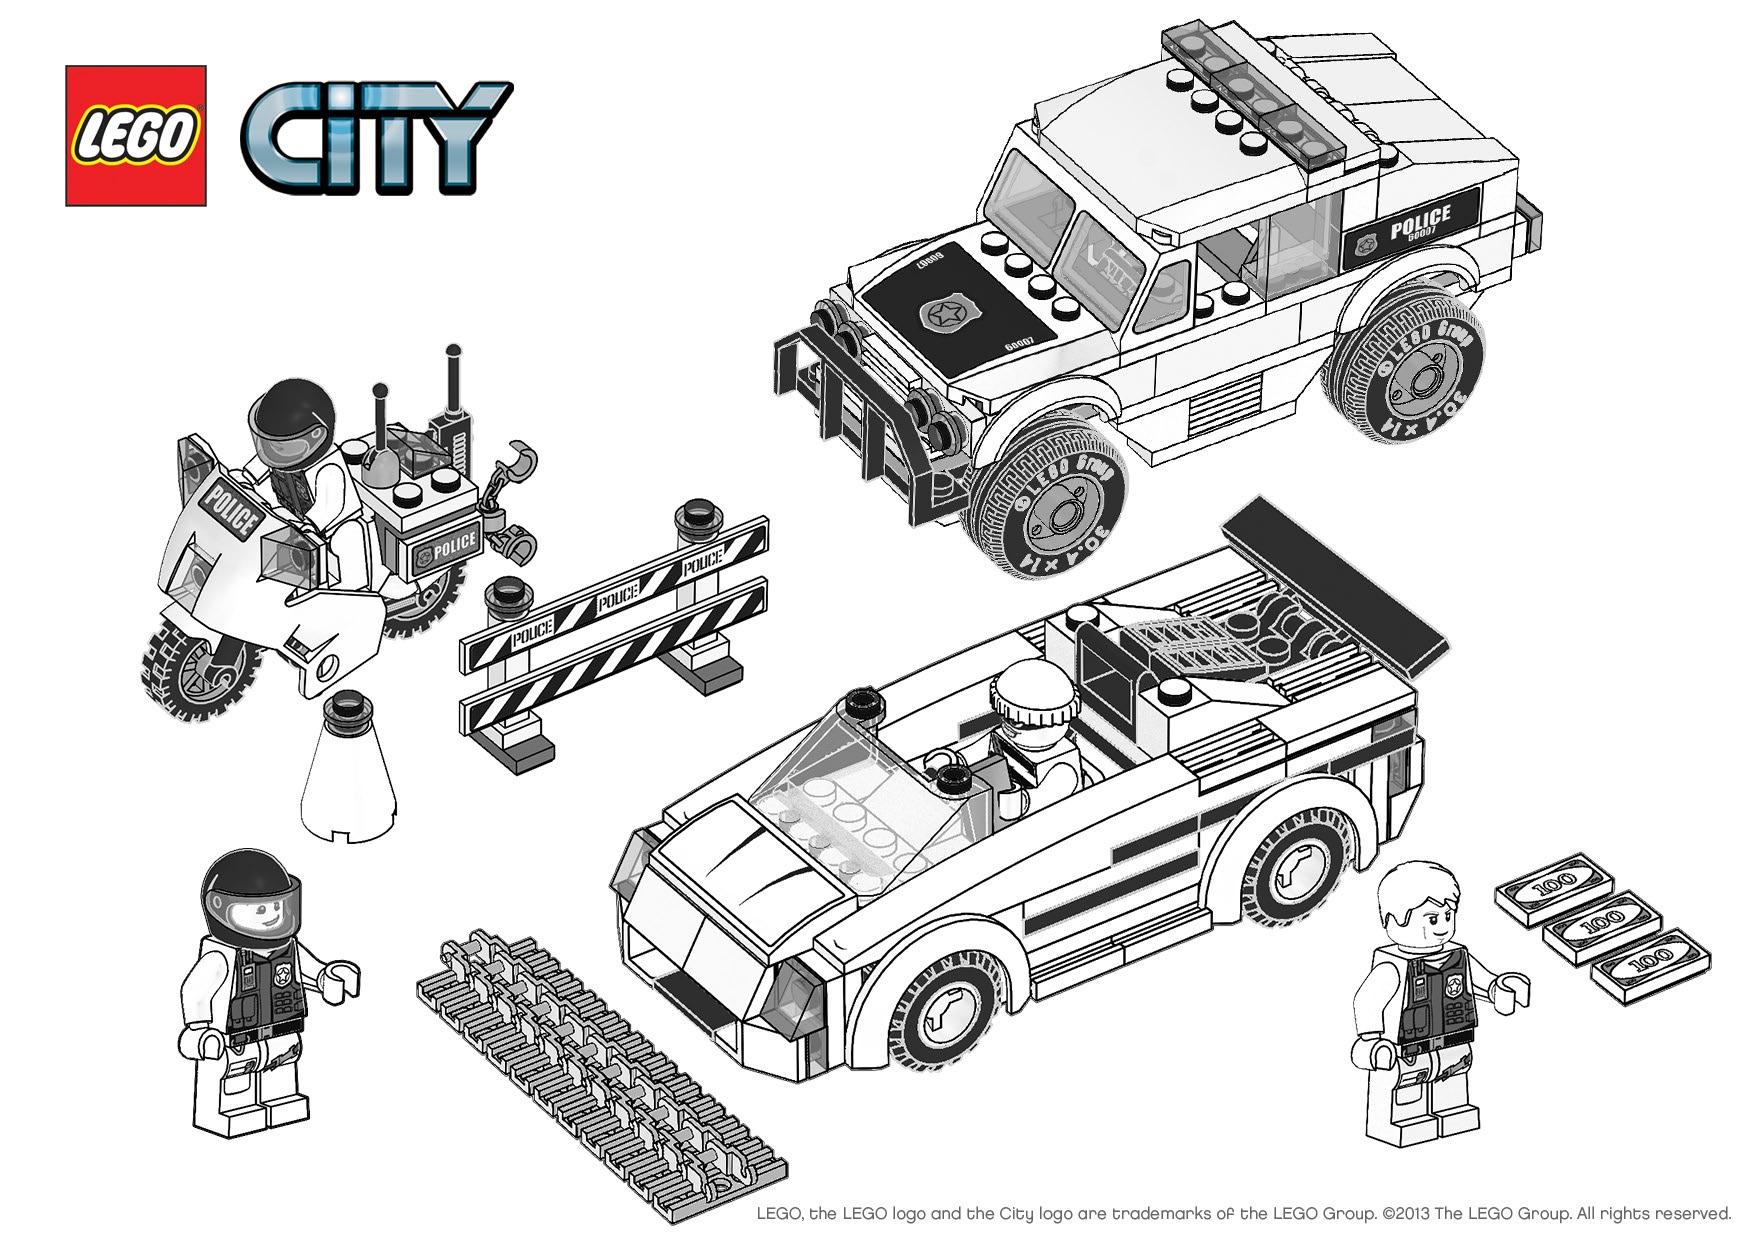 Nouveau Dessin A Colorier Lego Police – Mademoiselleosaki destiné Dessin Animé Lego City